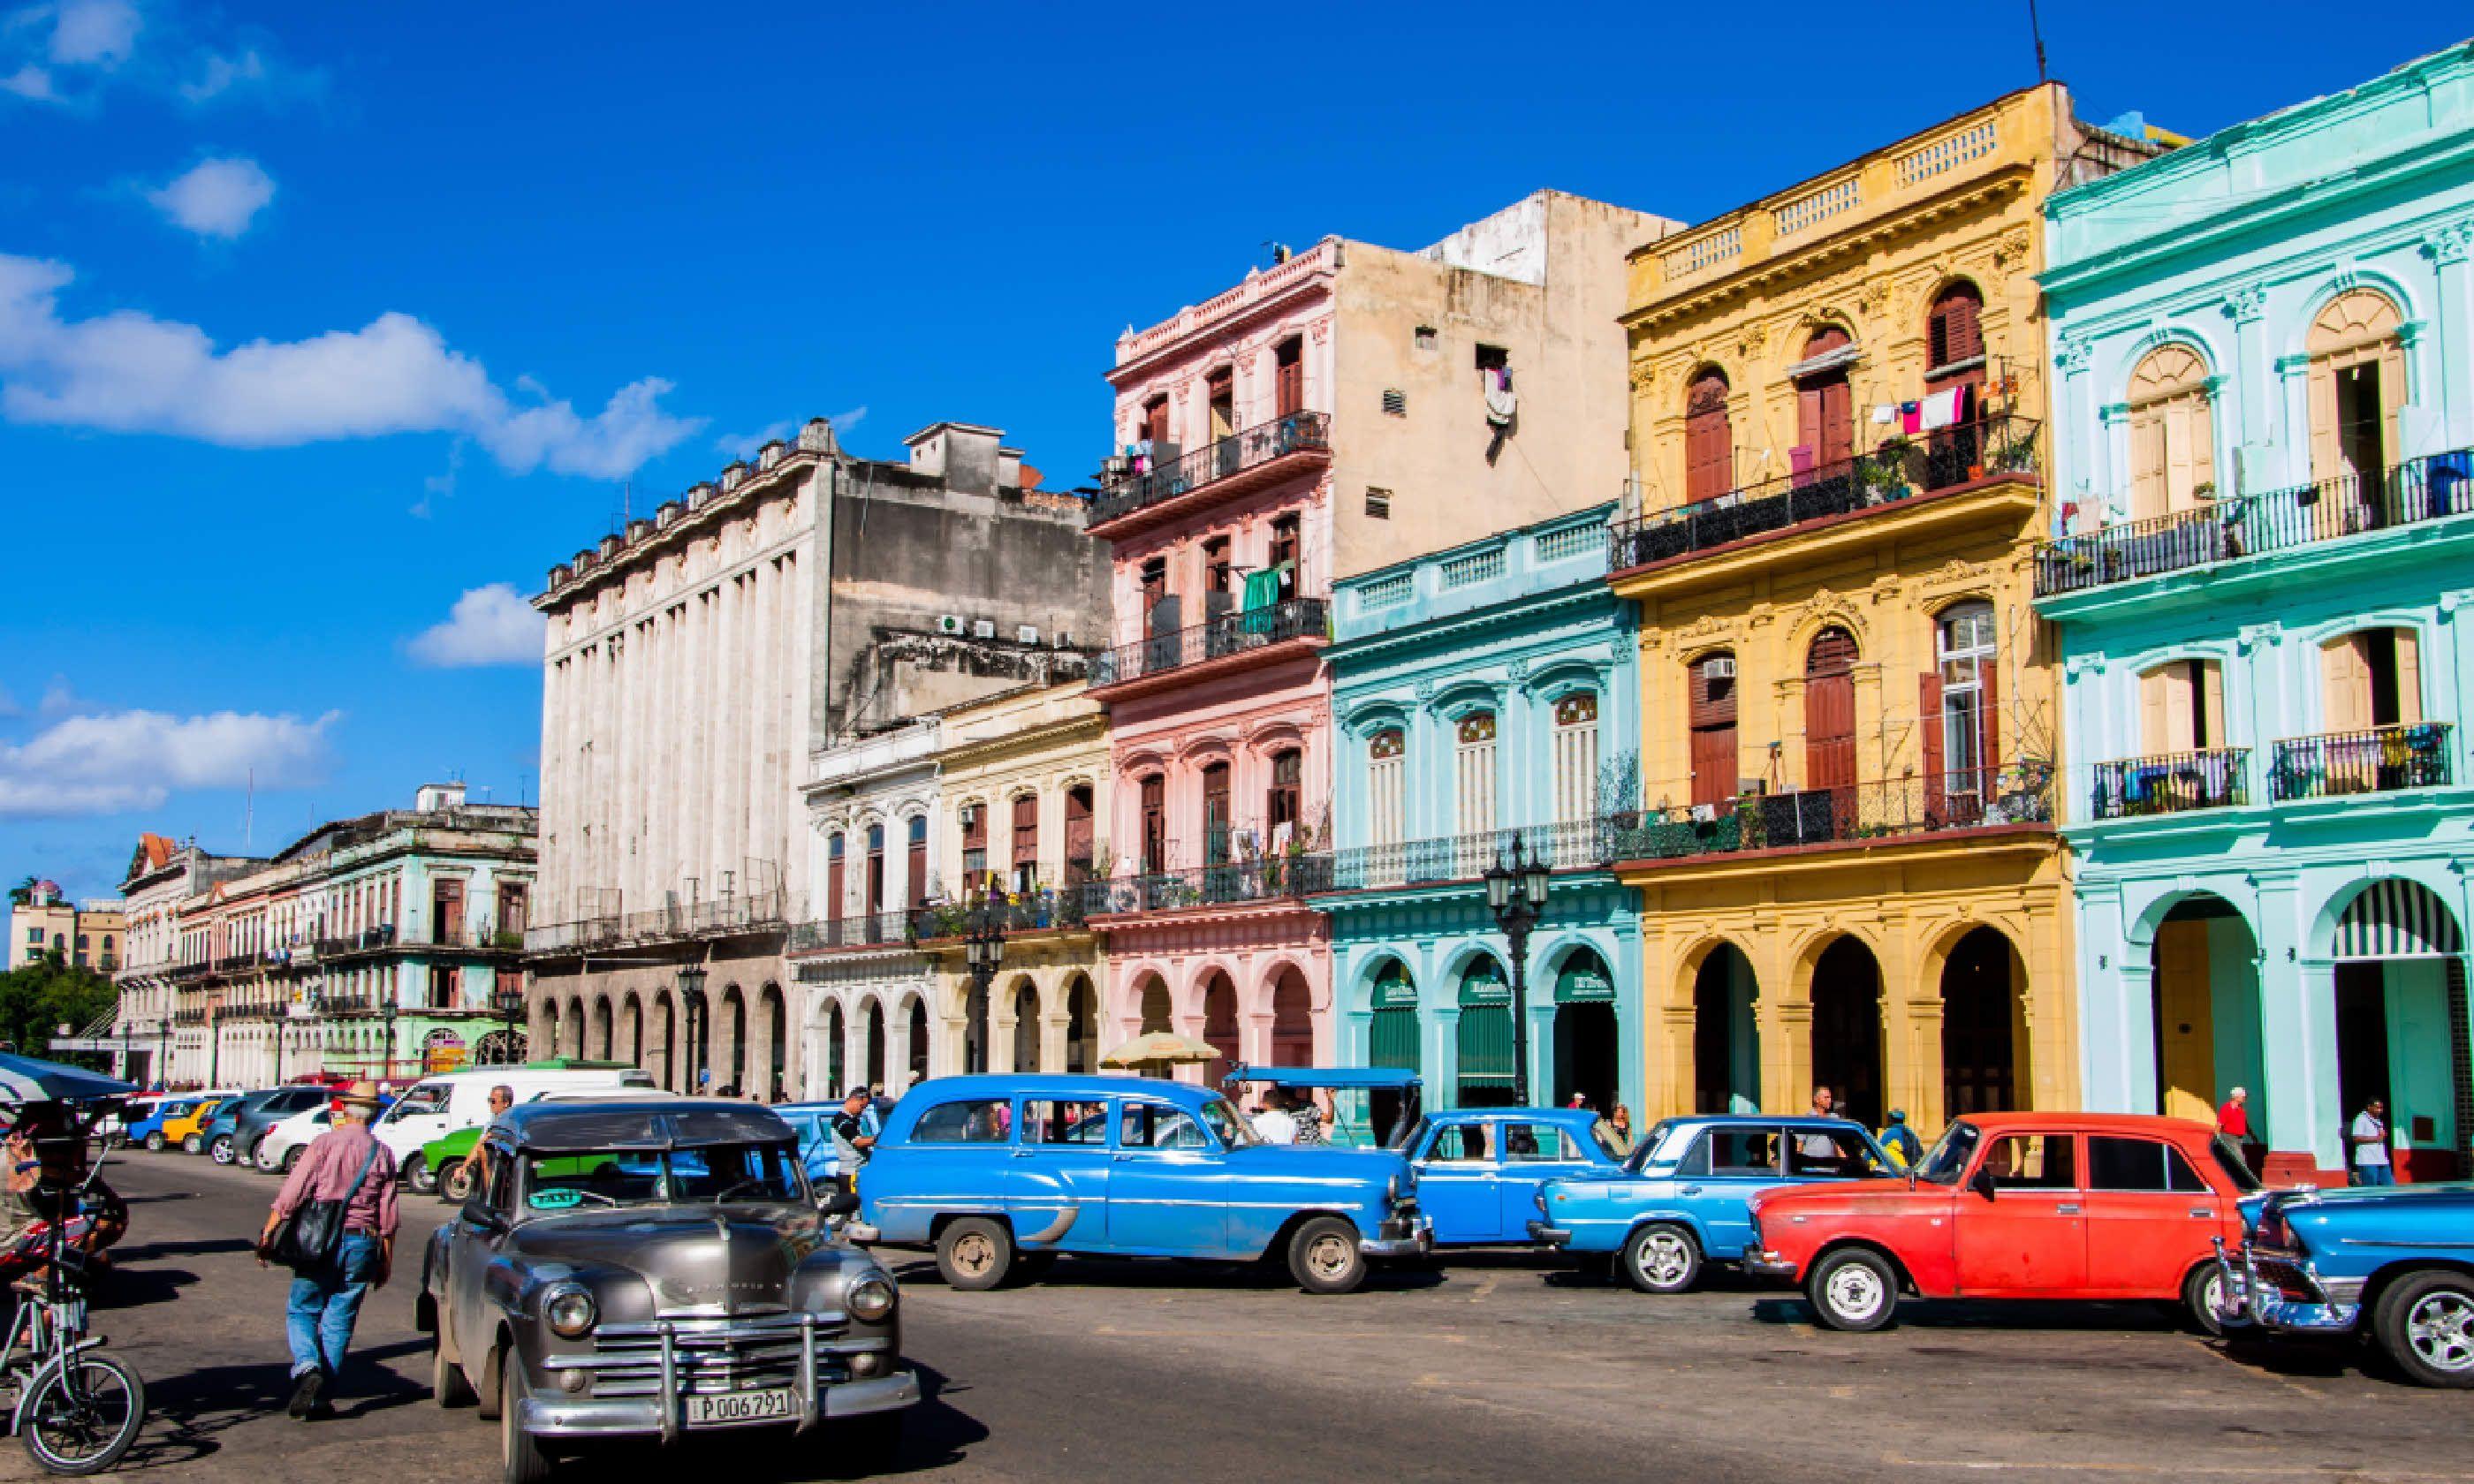 Street cars in Havana (Shutterstock)